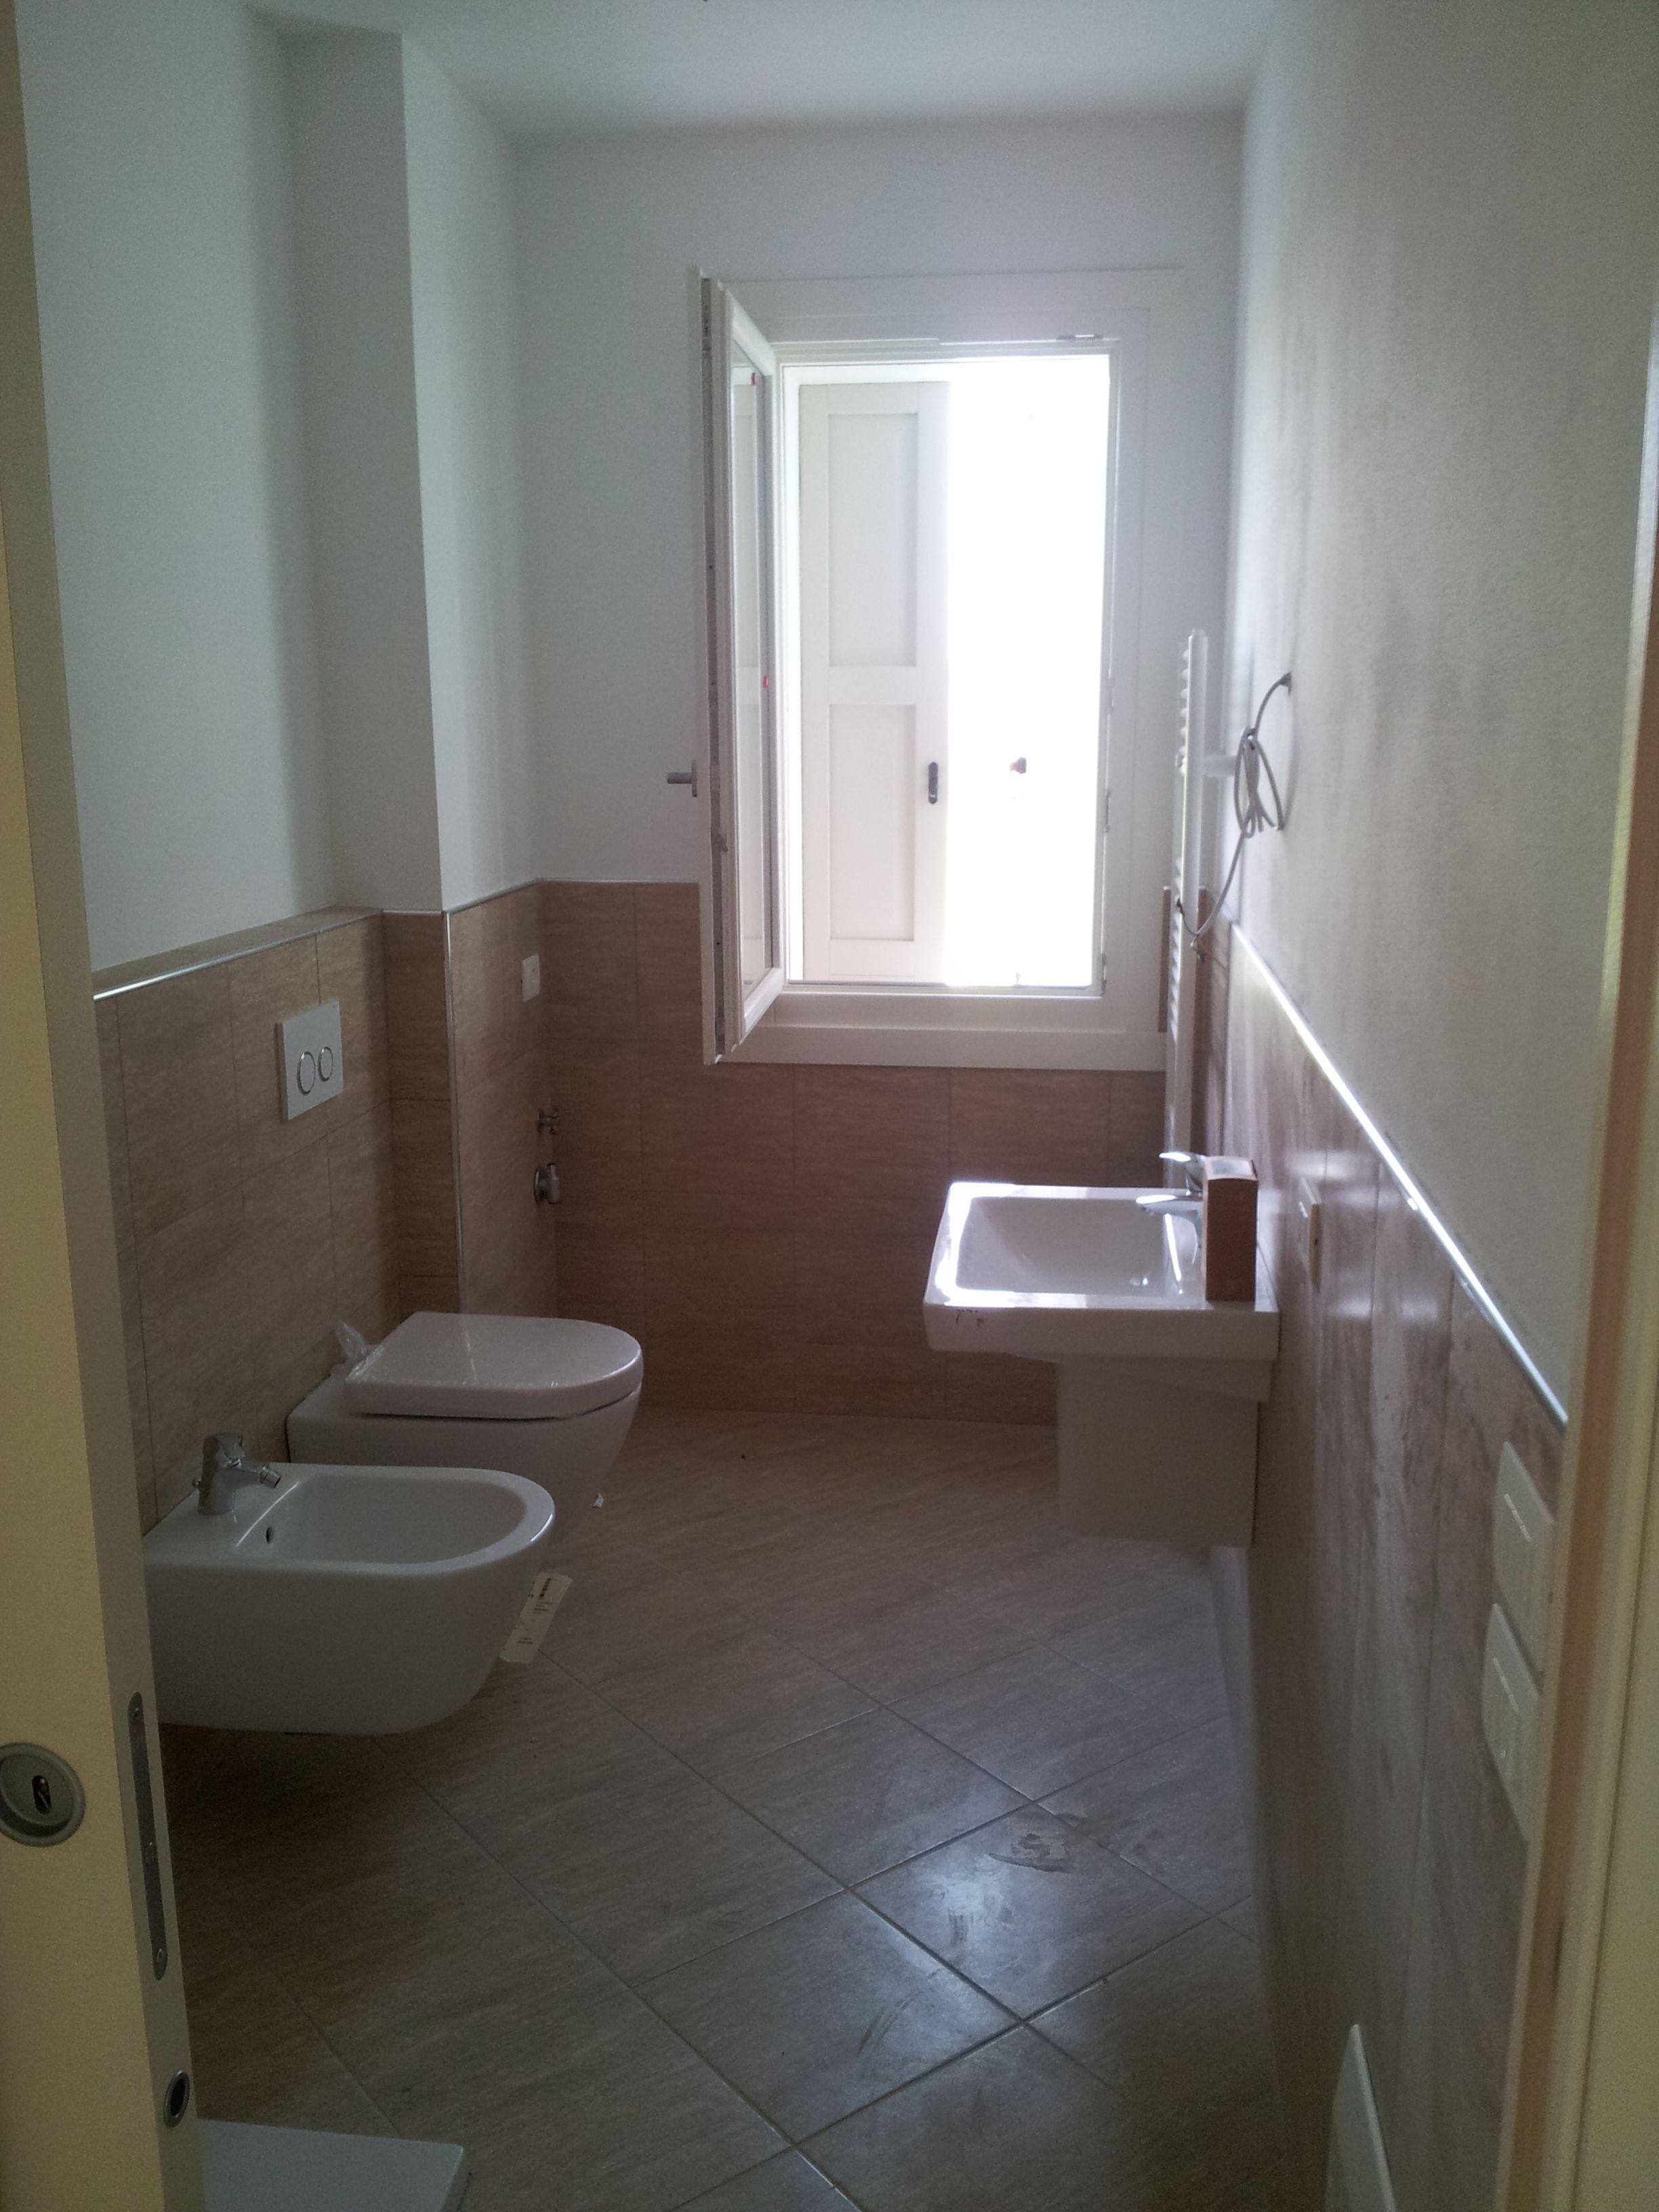 Bagno con sanitari bianchi pavimento e rivestimento uguali che richiamano il pavimento esterno - Pavimento e rivestimento bagno uguale ...